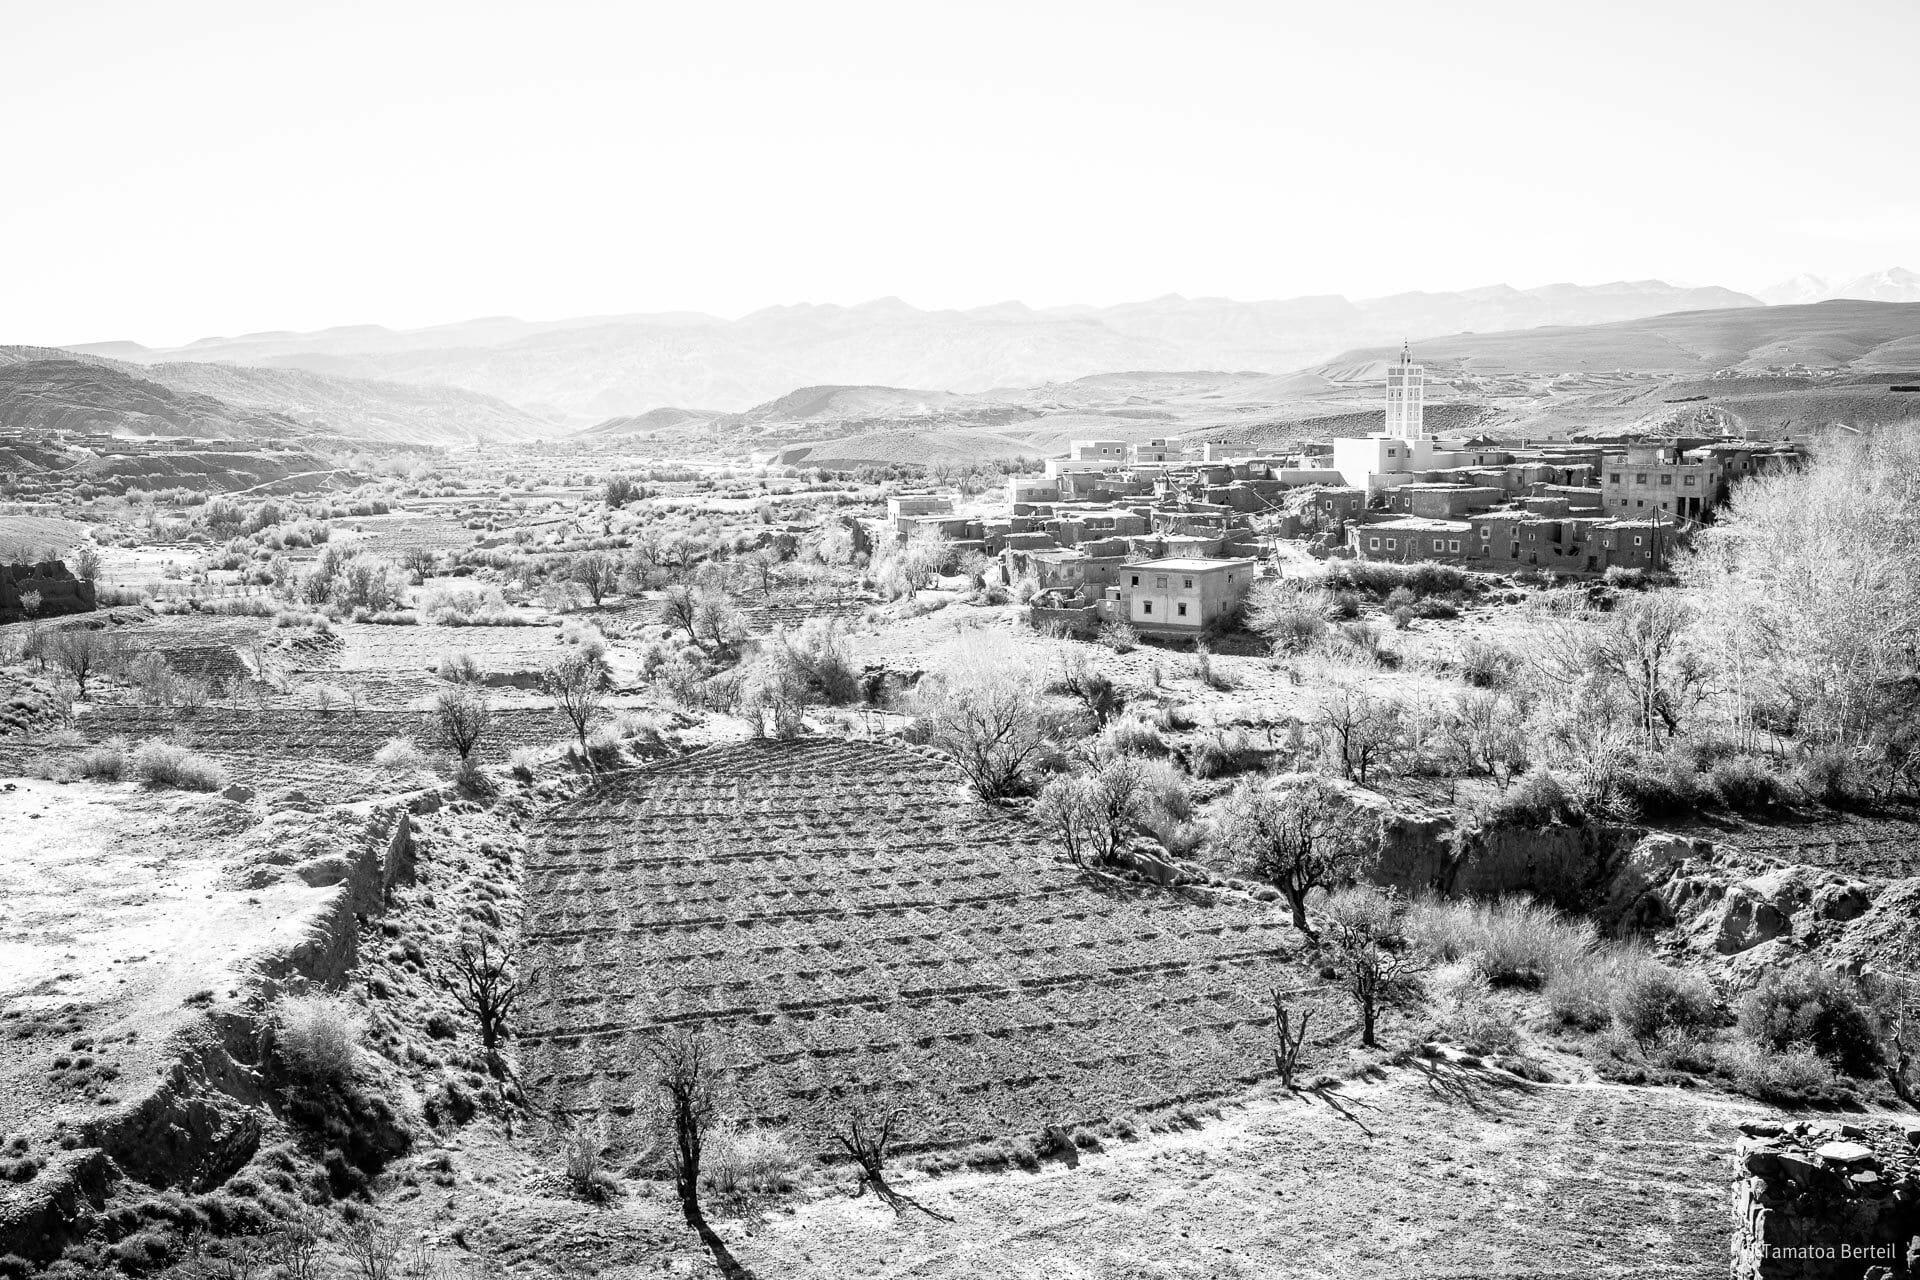 tamatoa-maroc-32